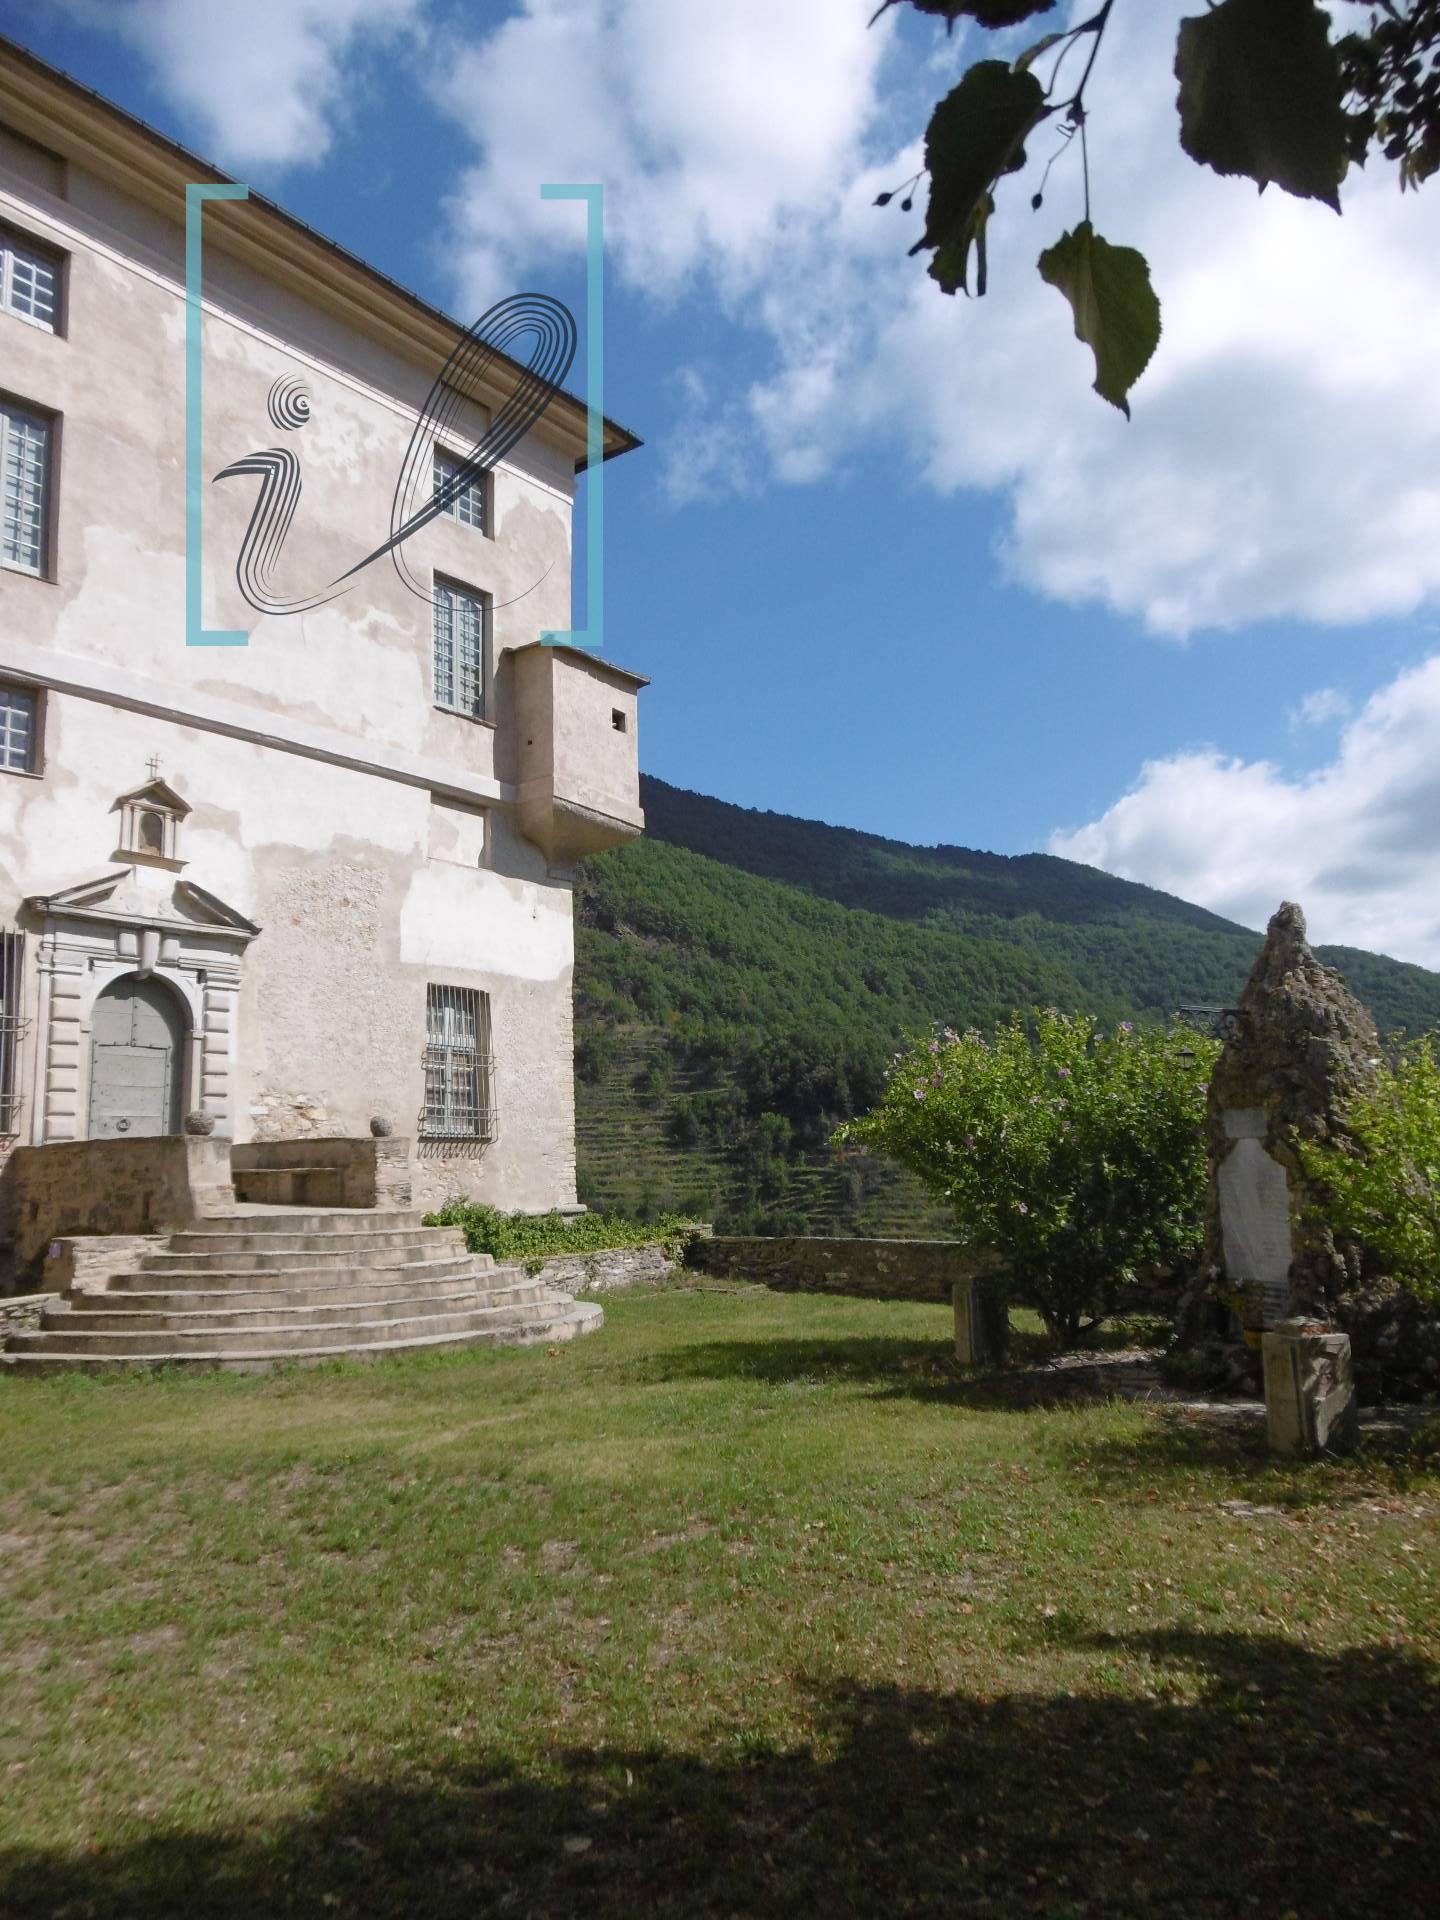 Appartamento in vendita a Rezzo, 2 locali, prezzo € 35.000 | CambioCasa.it